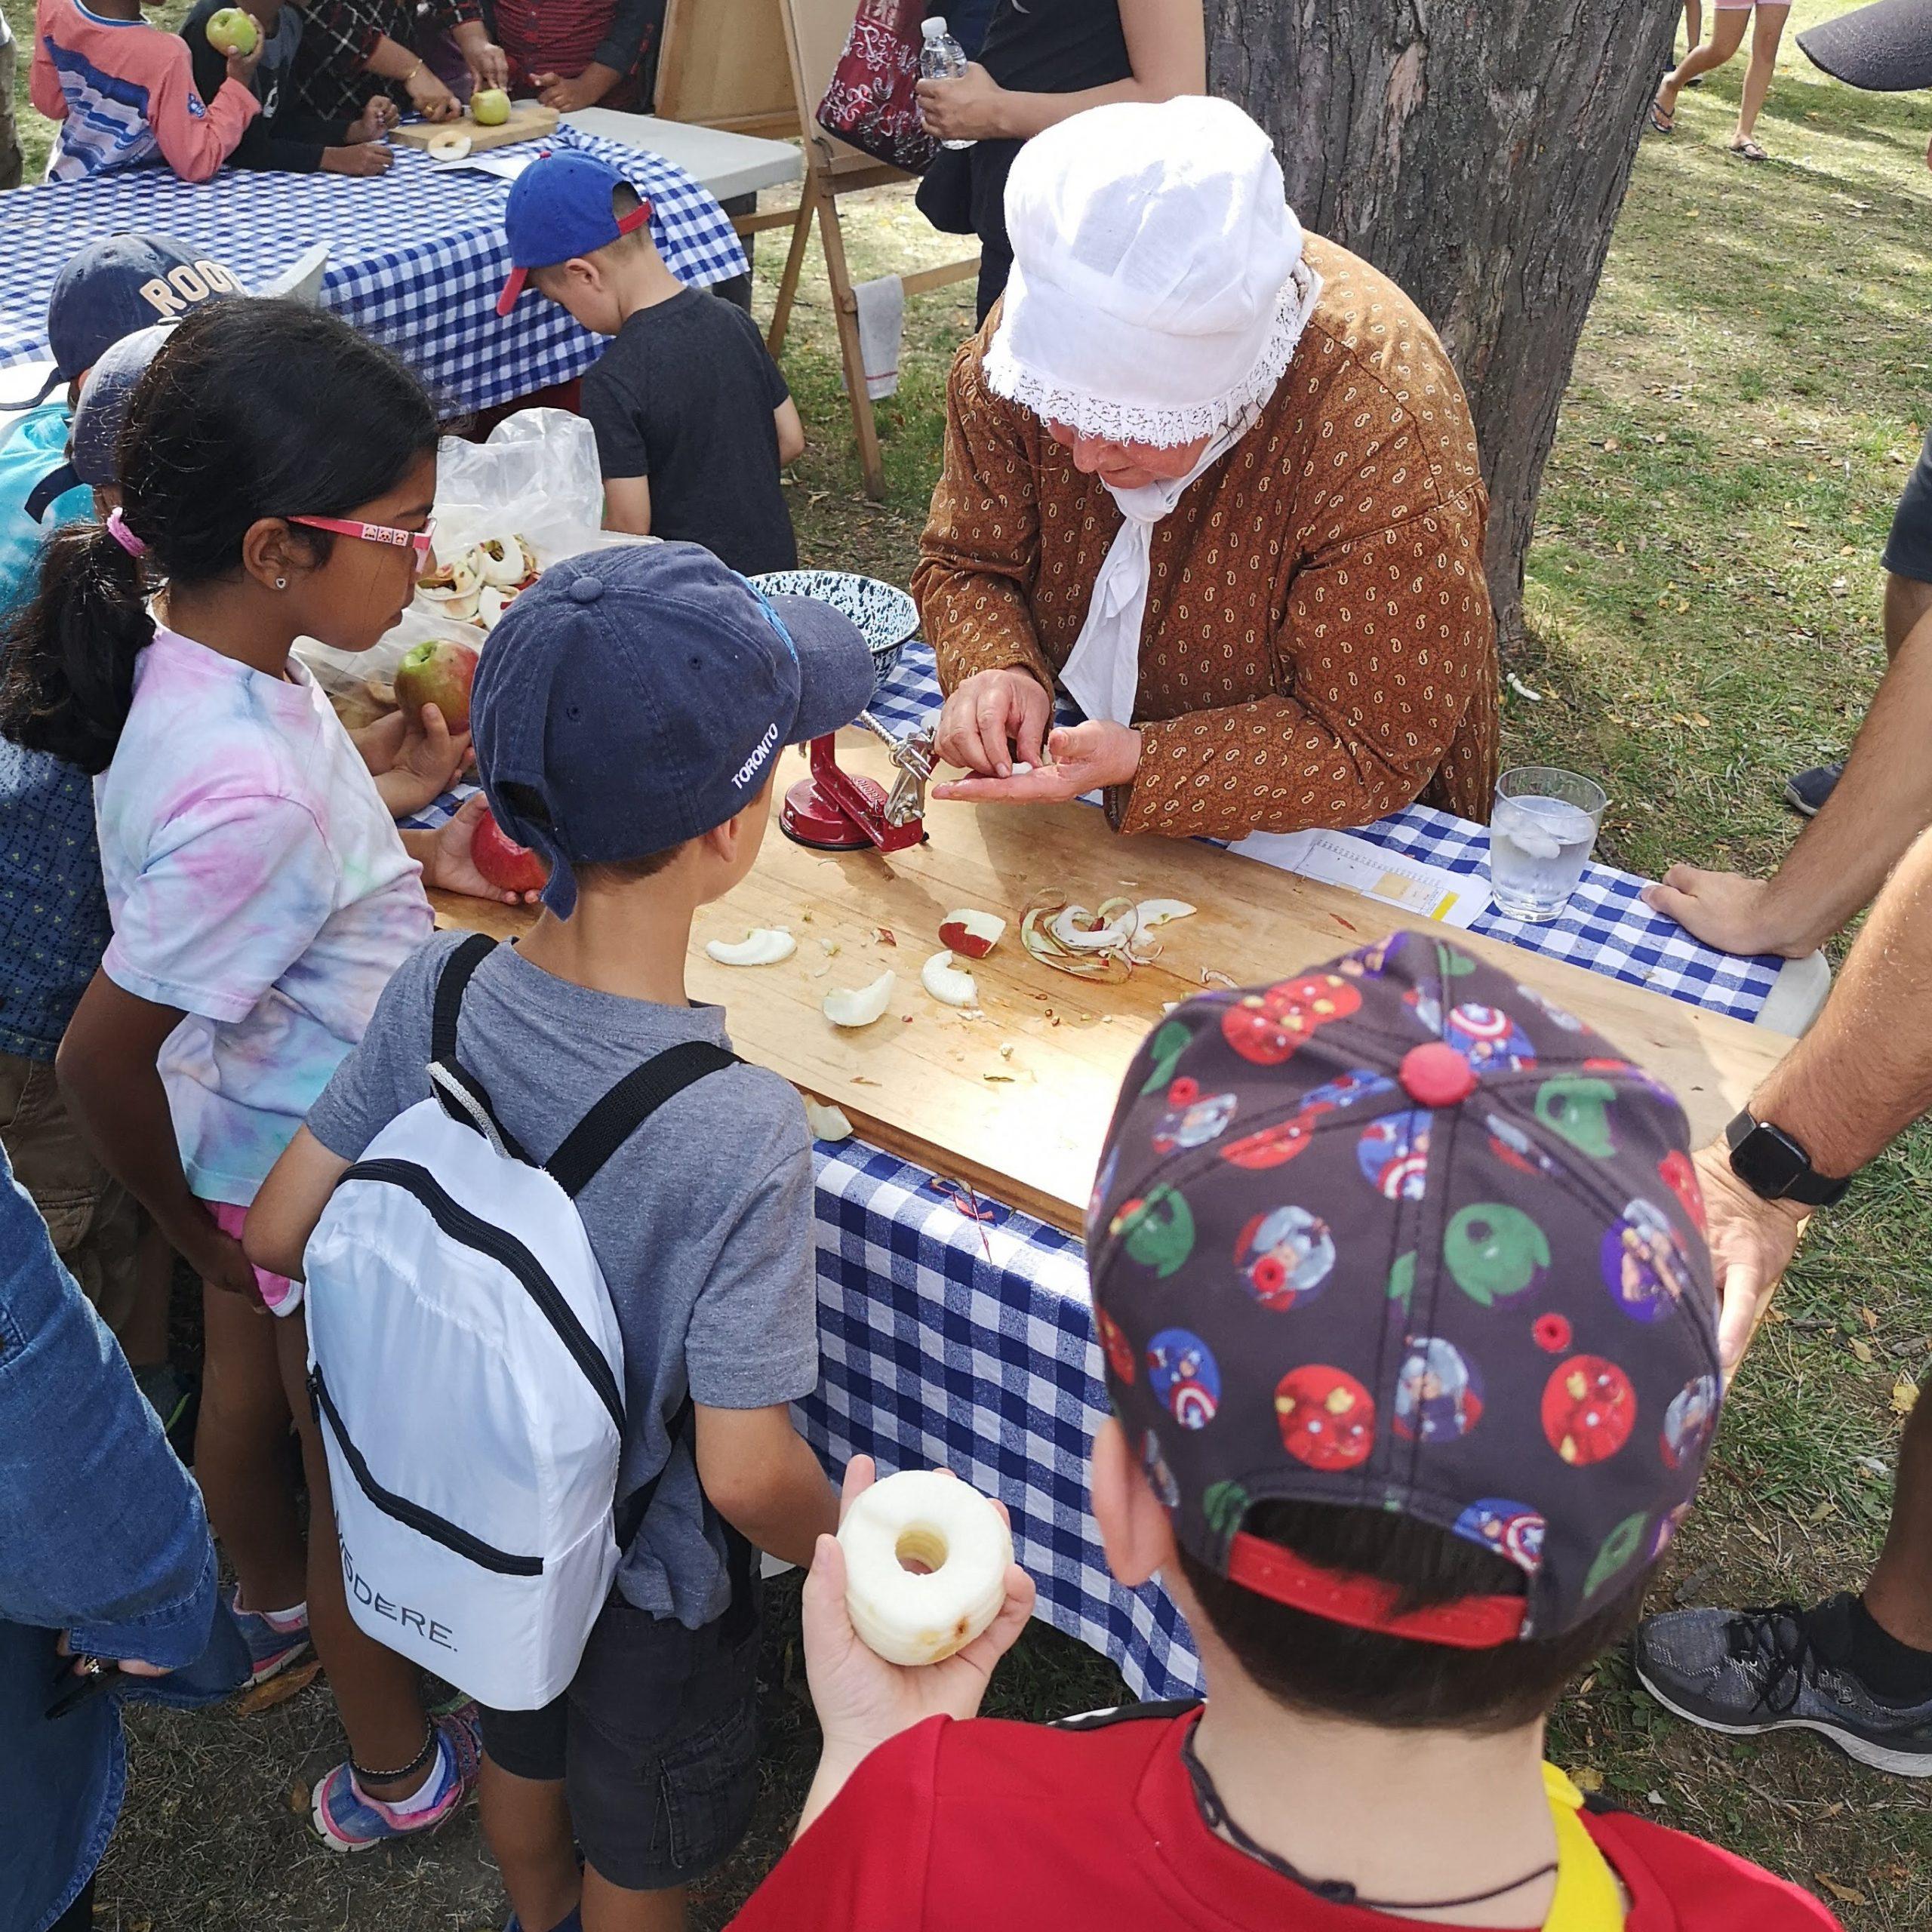 Kids and a women slicing an apple